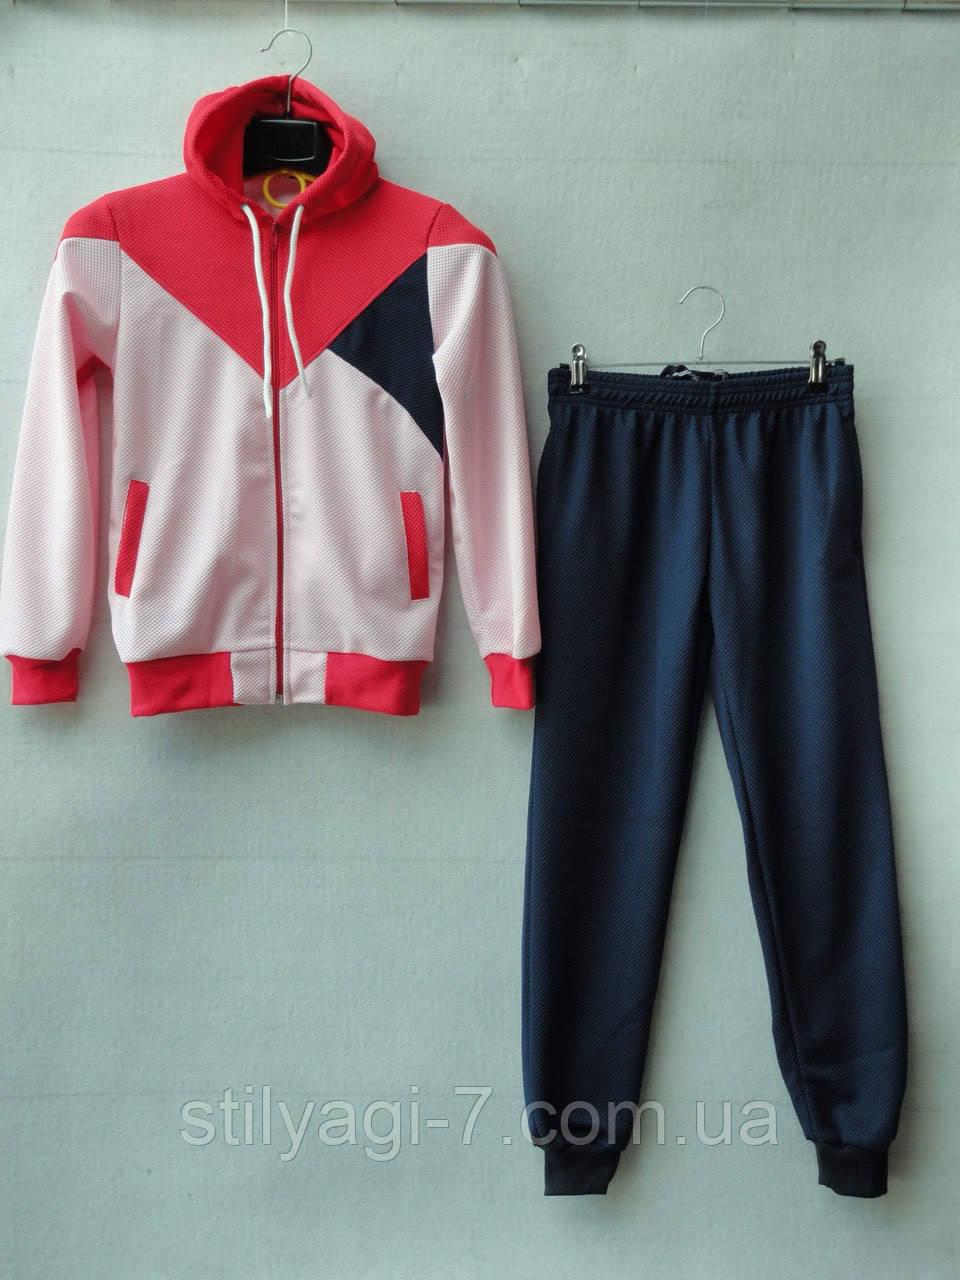 Спортивный костюм для девочки 10-14 лет красного с синим цвета с капюшоном оптом